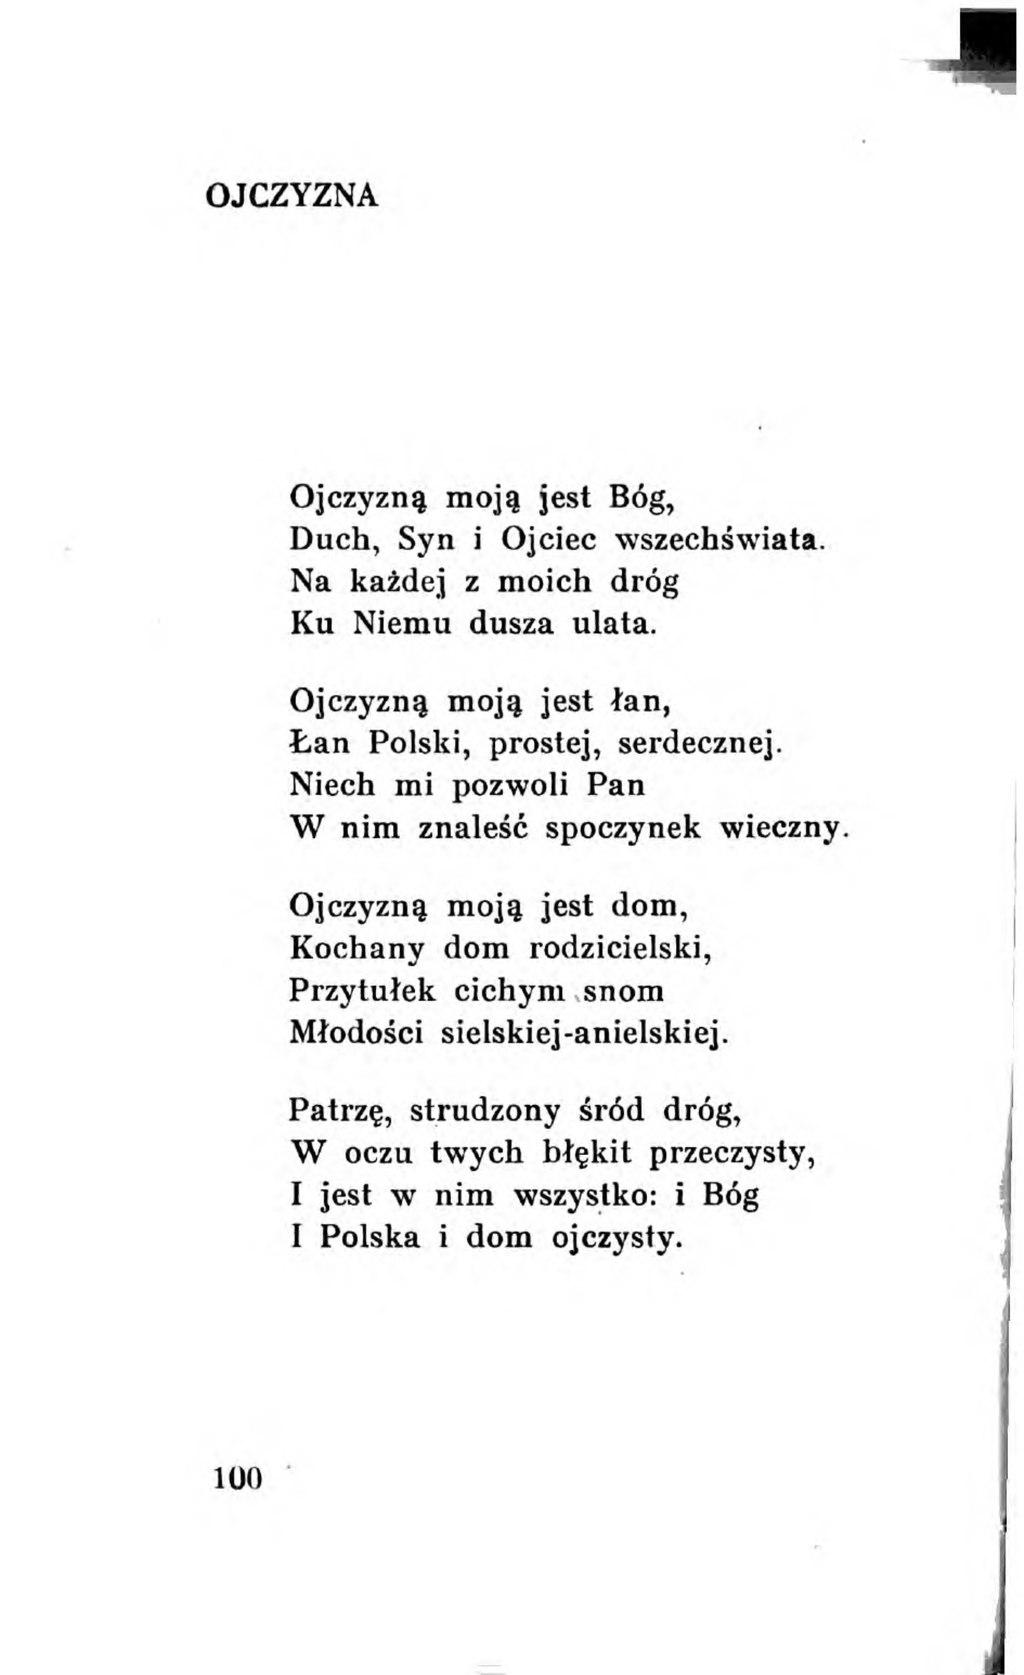 Pagejulian Tuwim Czyhanie Na Bogadjvu102 Wikisource